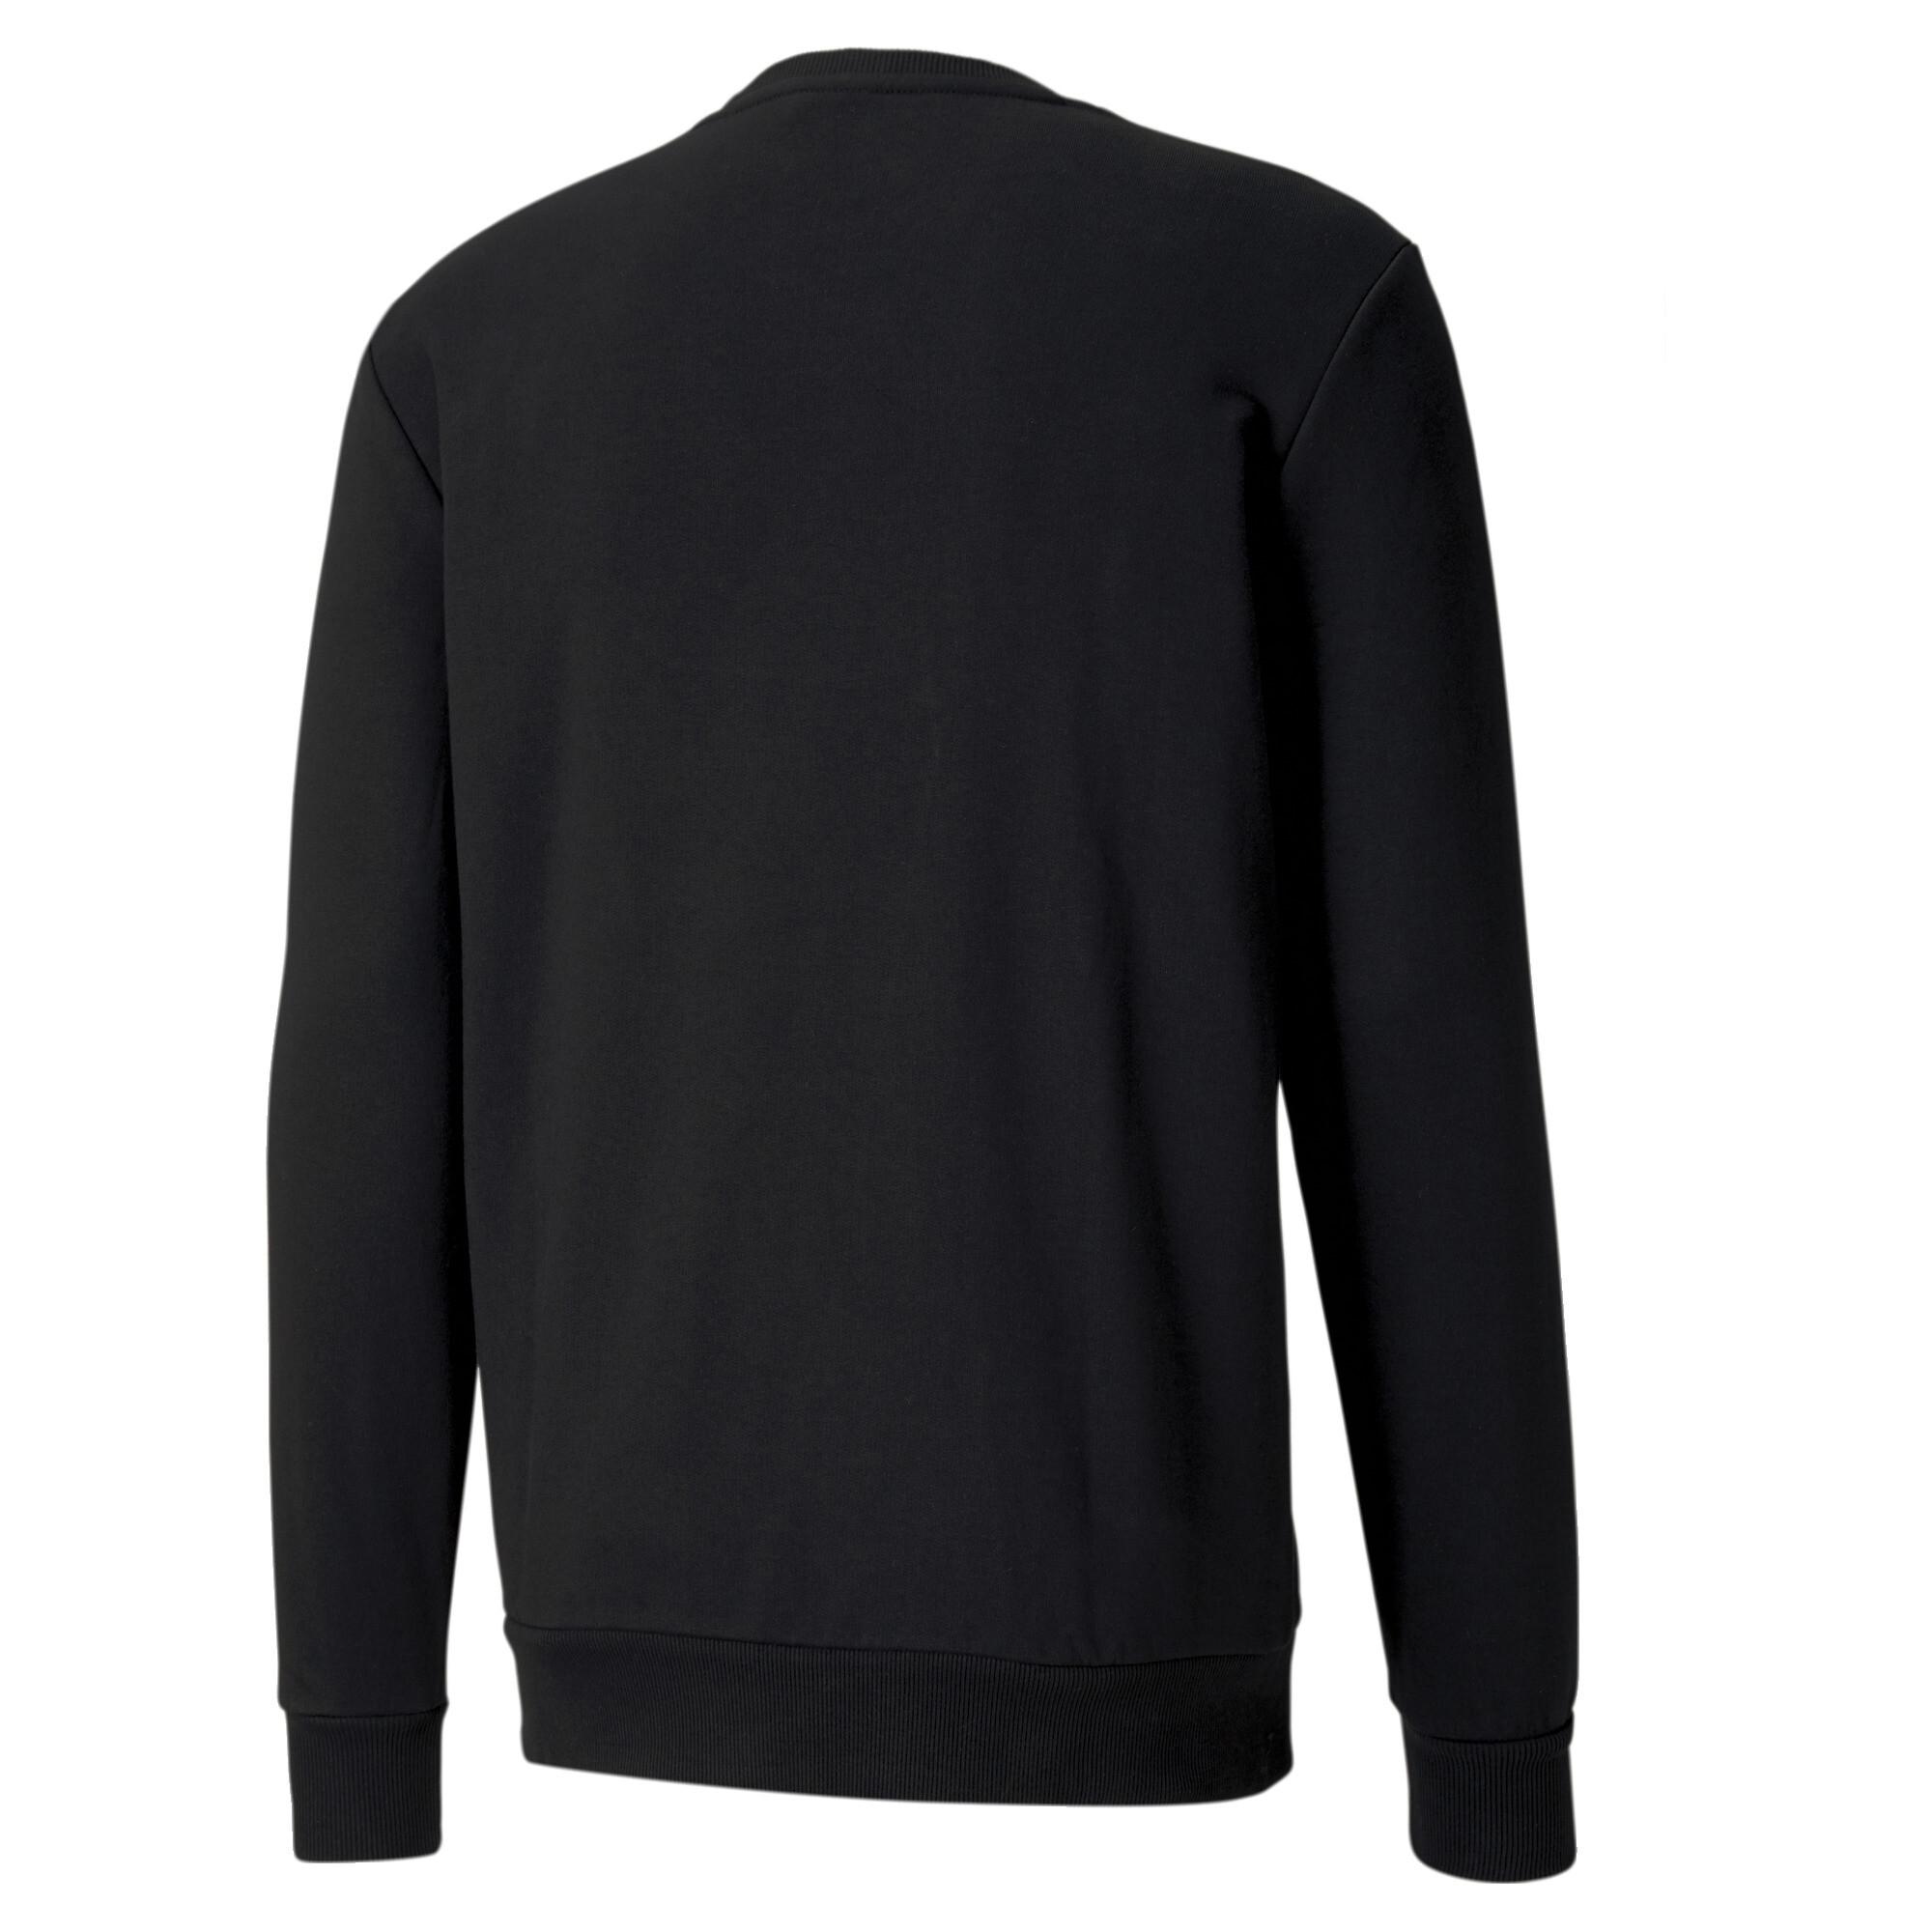 PUMA-Classics-Logo-Men-039-s-Crewneck-Sweatshirt-Men-Sweat-Sport-Classics thumbnail 9